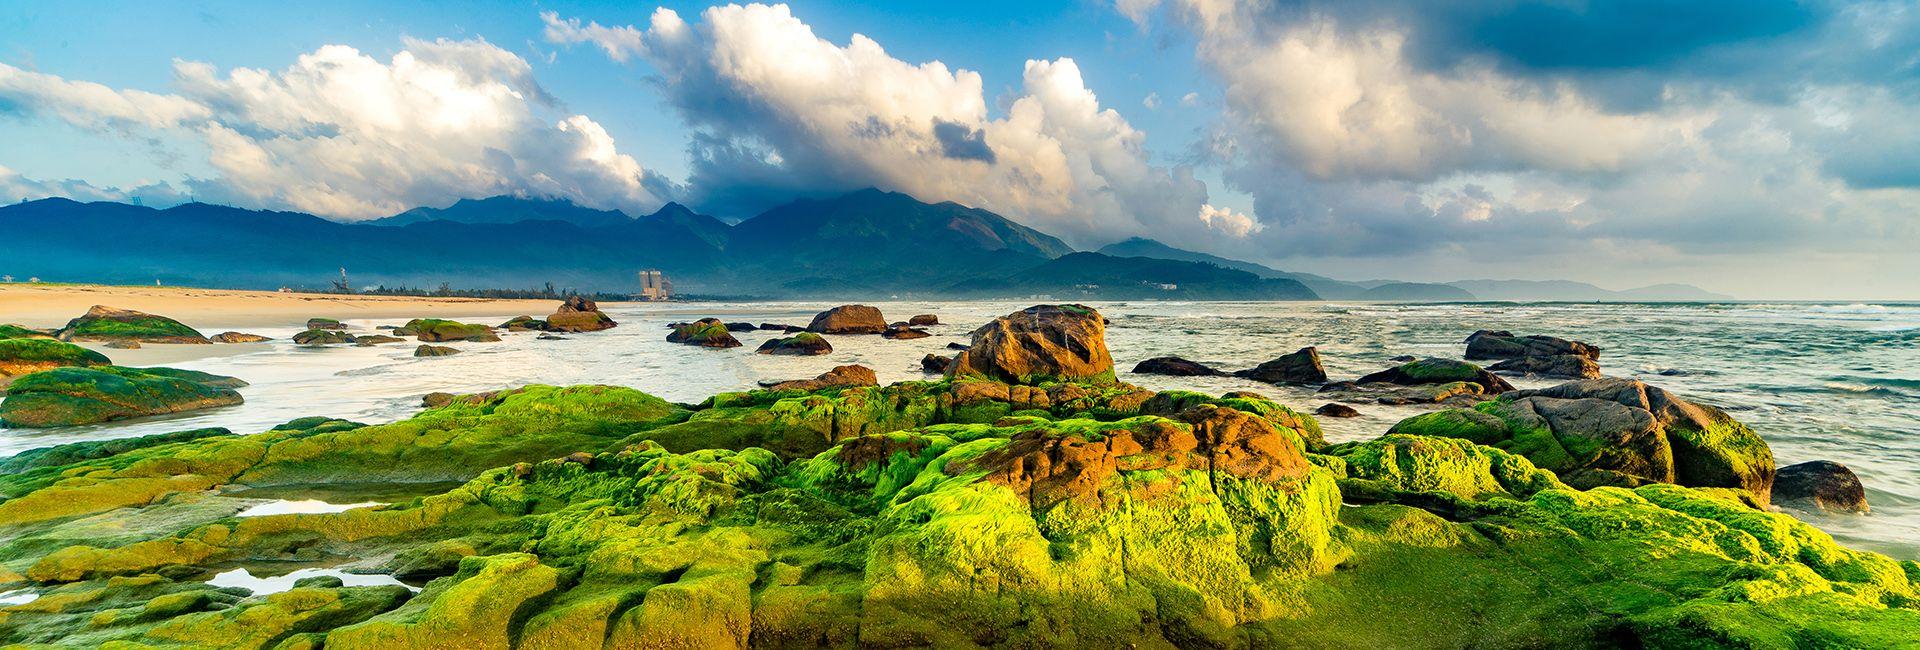 Rạn Nam Ô và hành trình khám phá vẻ đẹp hoang sơ Đà Nẵng